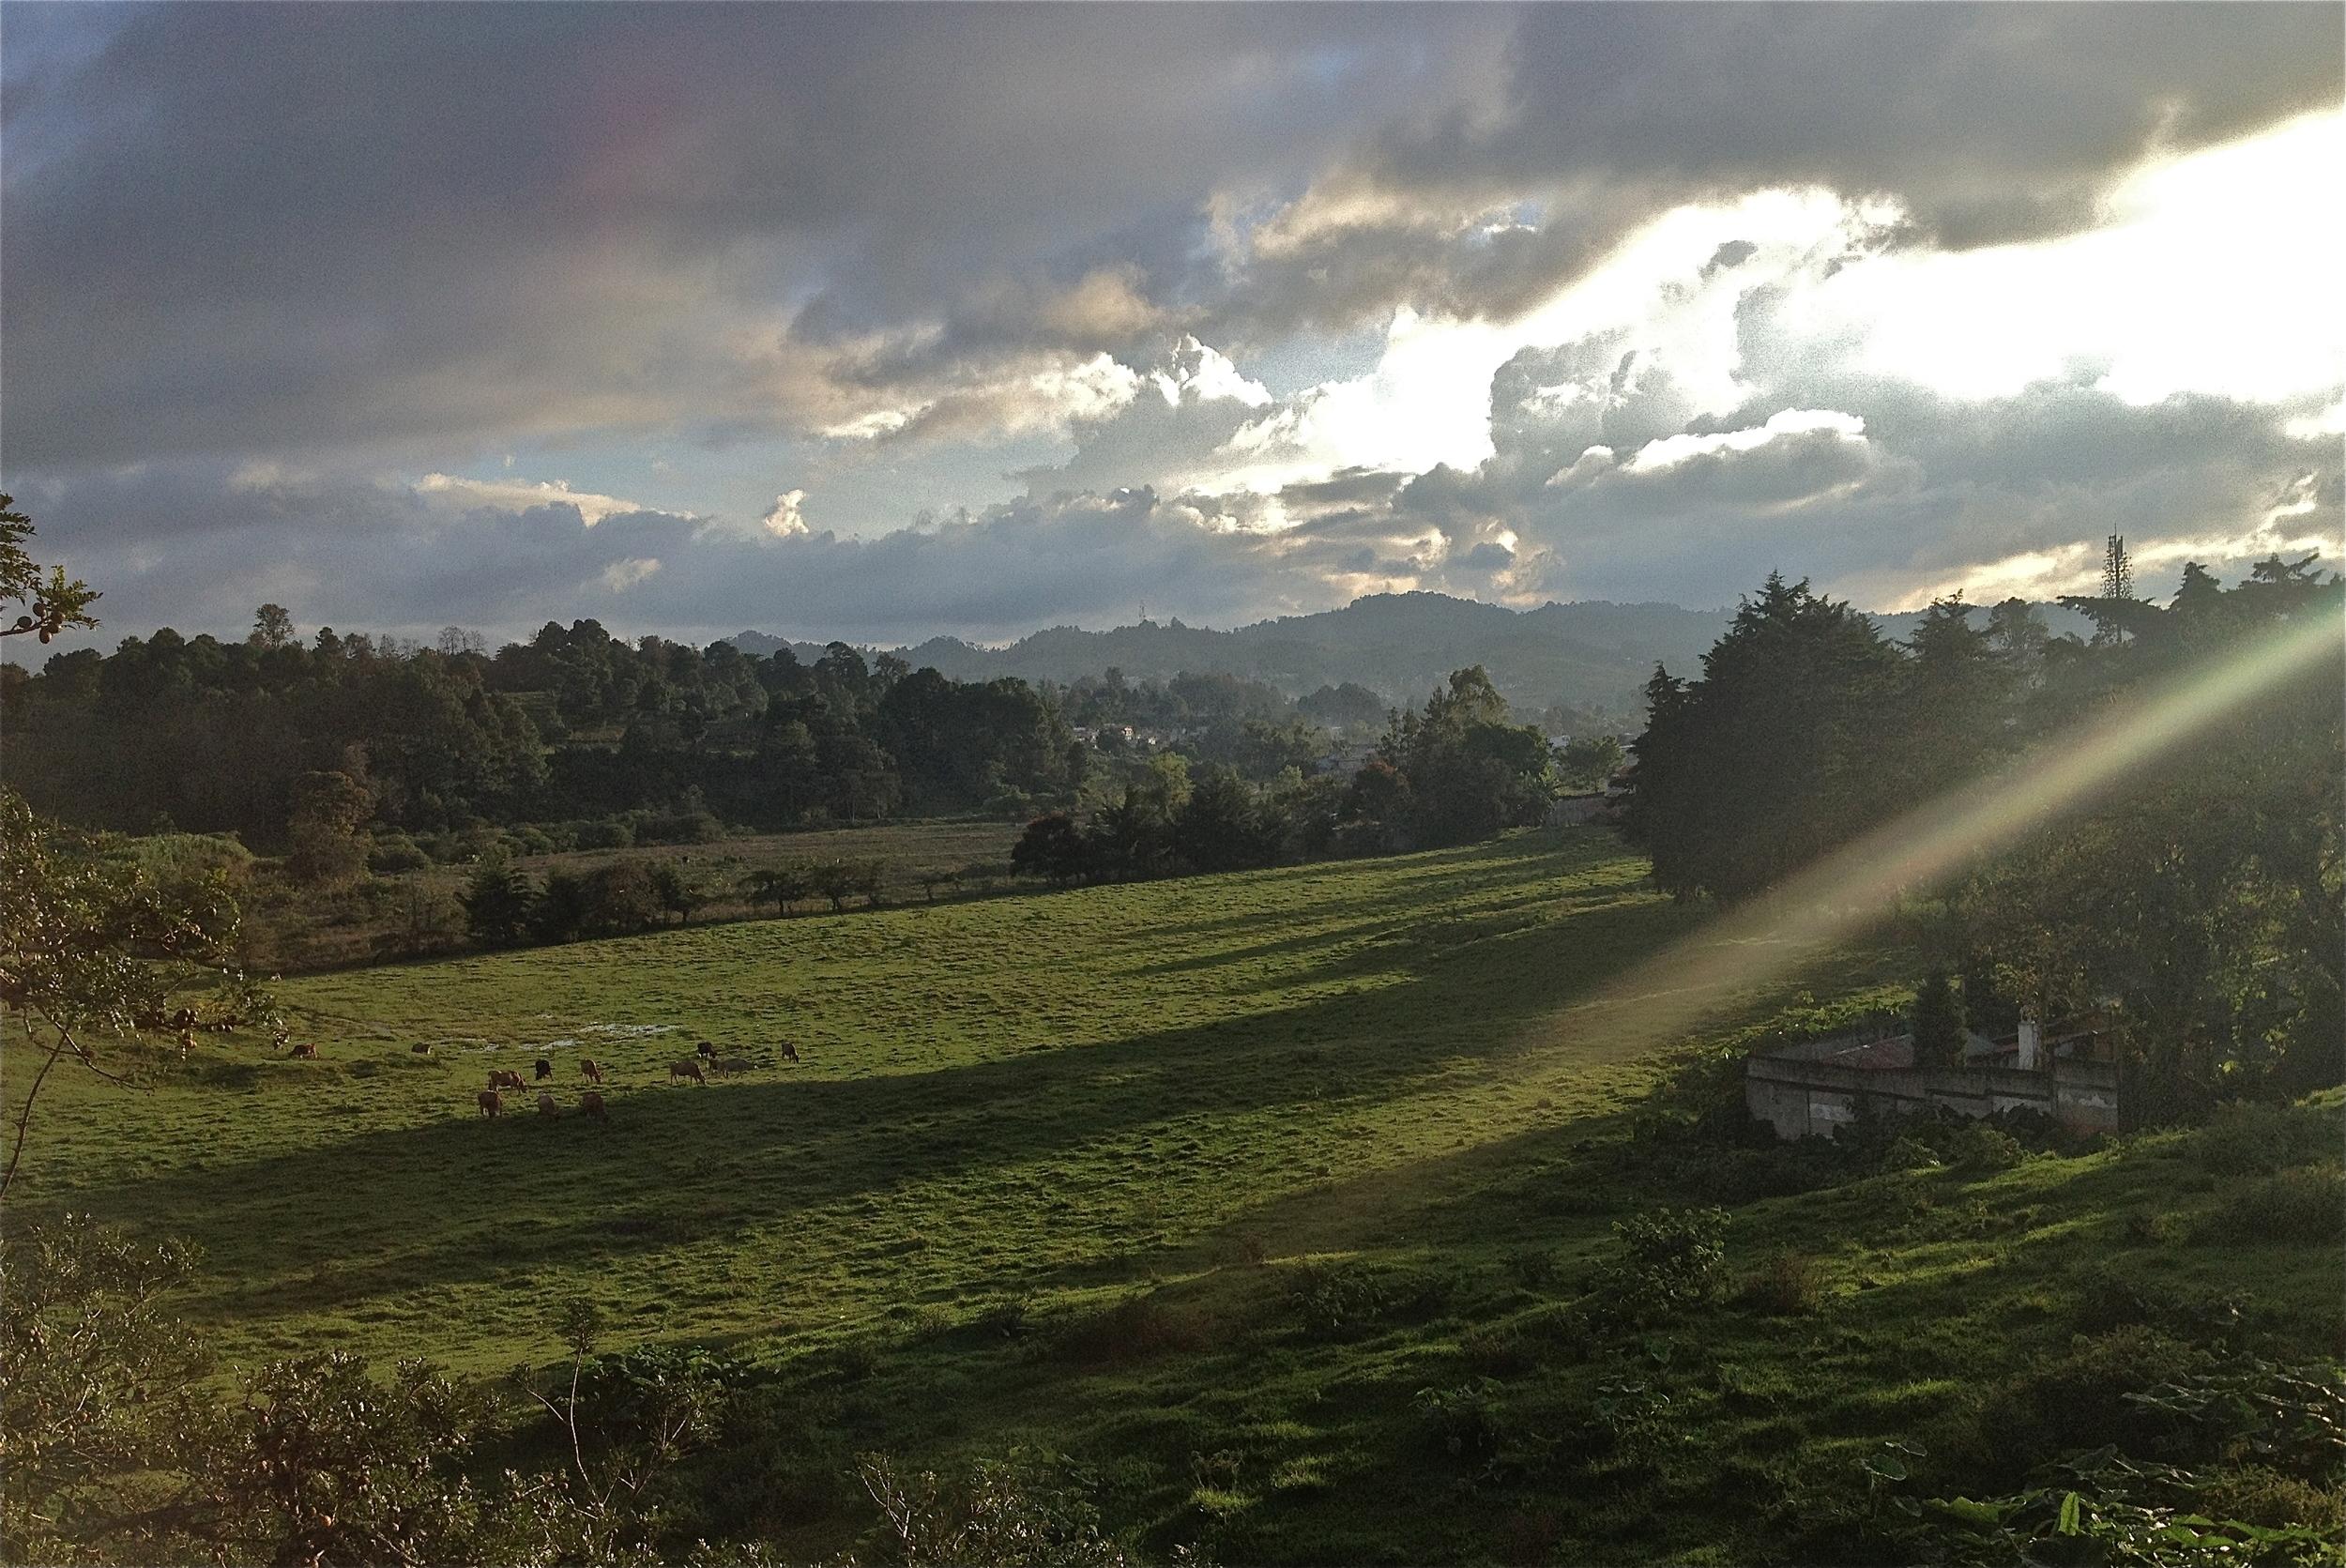 Sunbeams on the fields